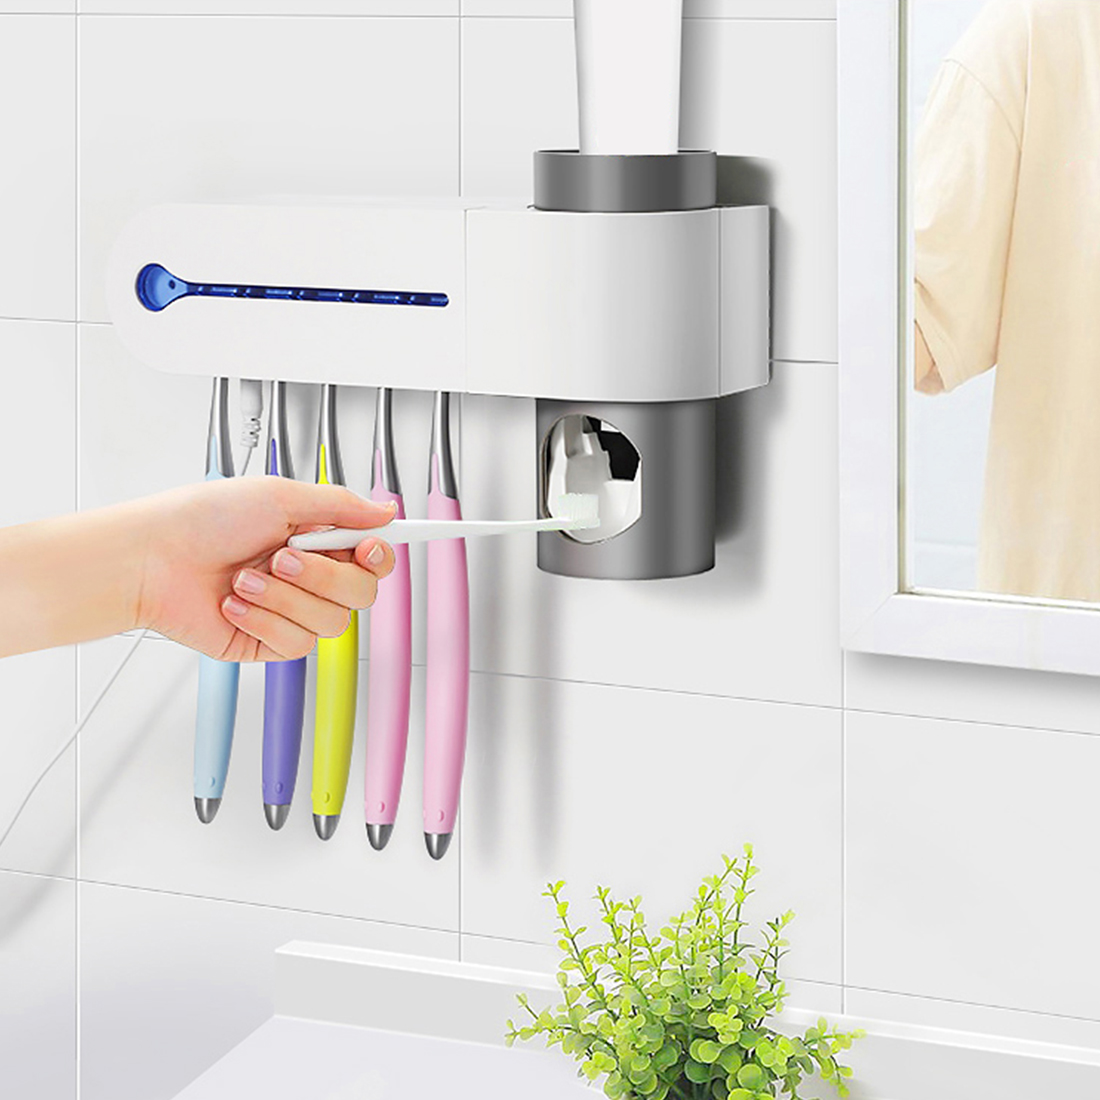 Energia solare Spazzolino Da Denti Sterilizzatore UV Luce UV Spazzolino Da Denti Supporto Automatico di Dentifricio Spremi Dispenser Casa Accessori Per il Bagno